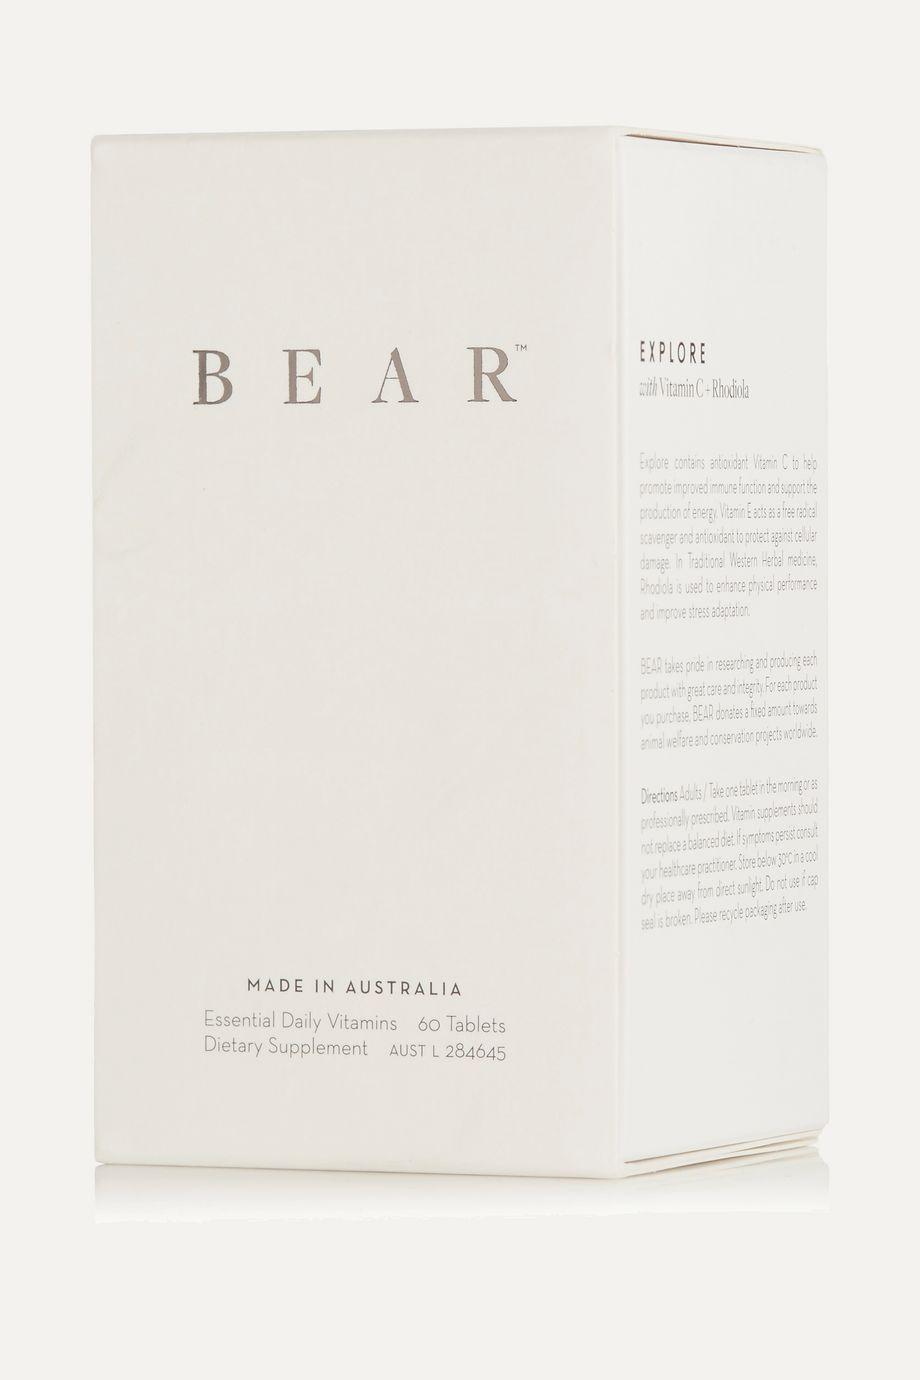 BEAR Explore Supplement